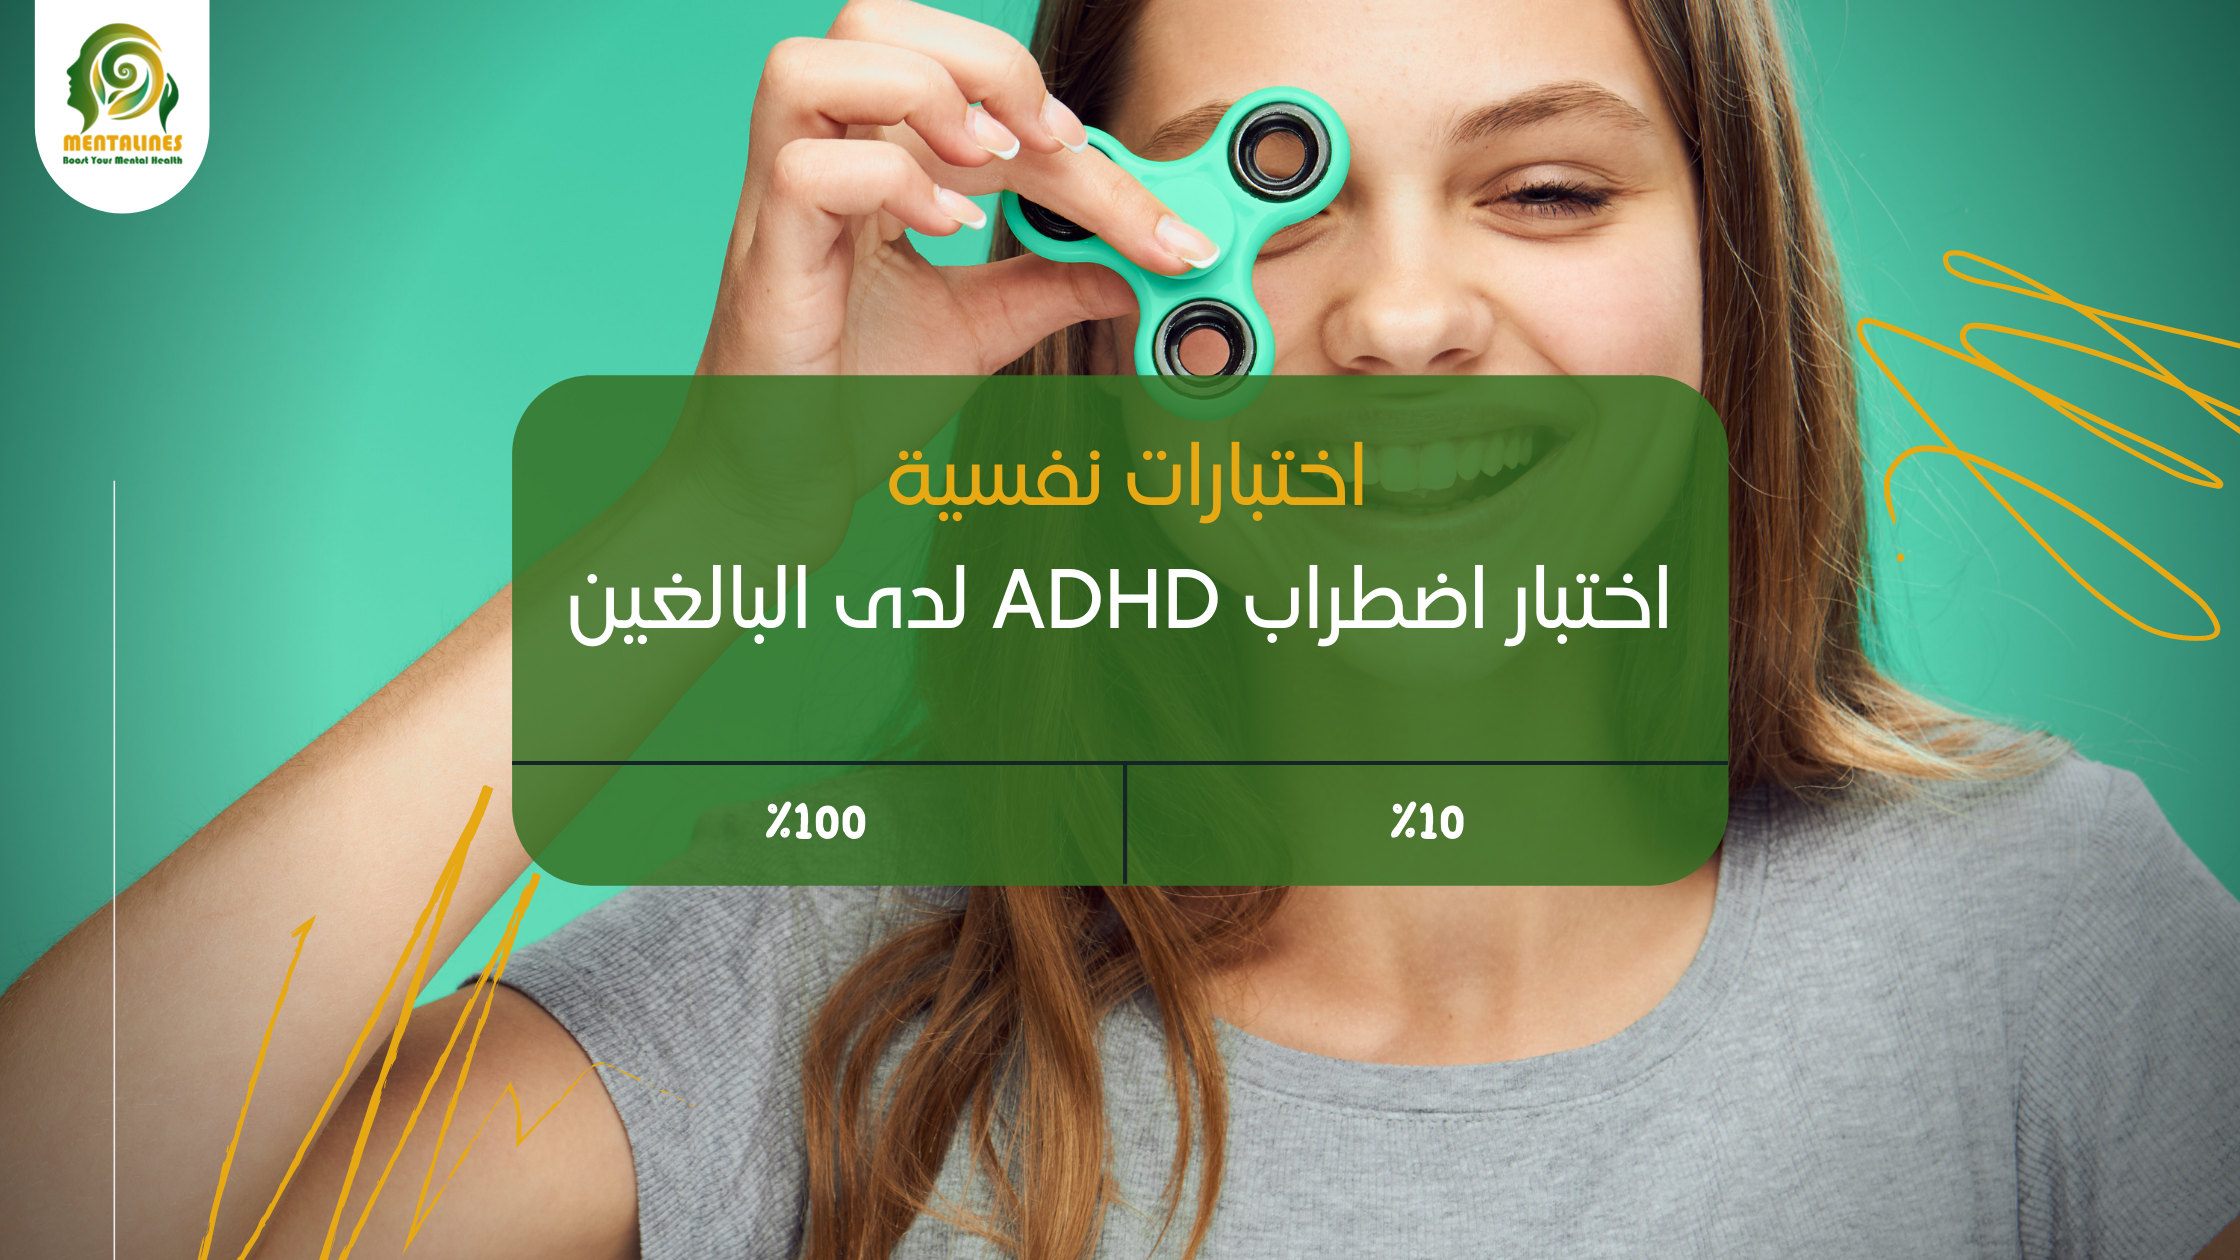 اختبار اضطراب قصور التركيز مع فرط الحركة للبالغين ADHD